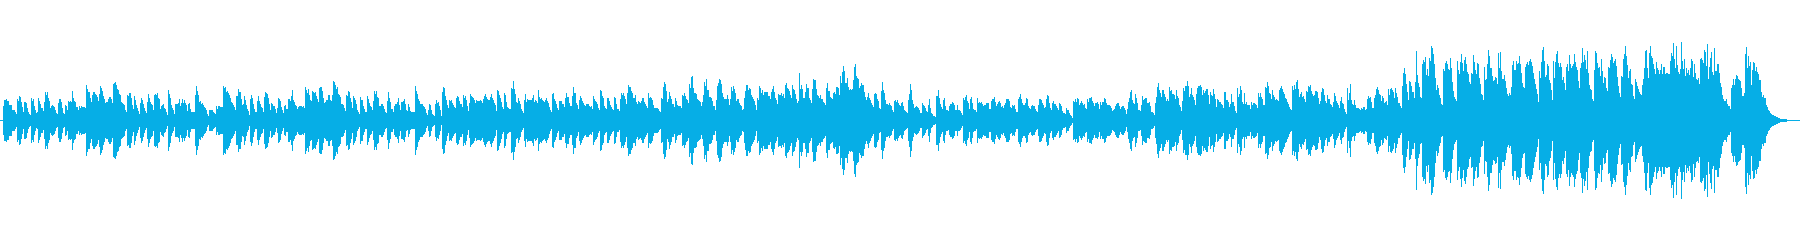 ハープのクラシック風の曲の再生済みの波形